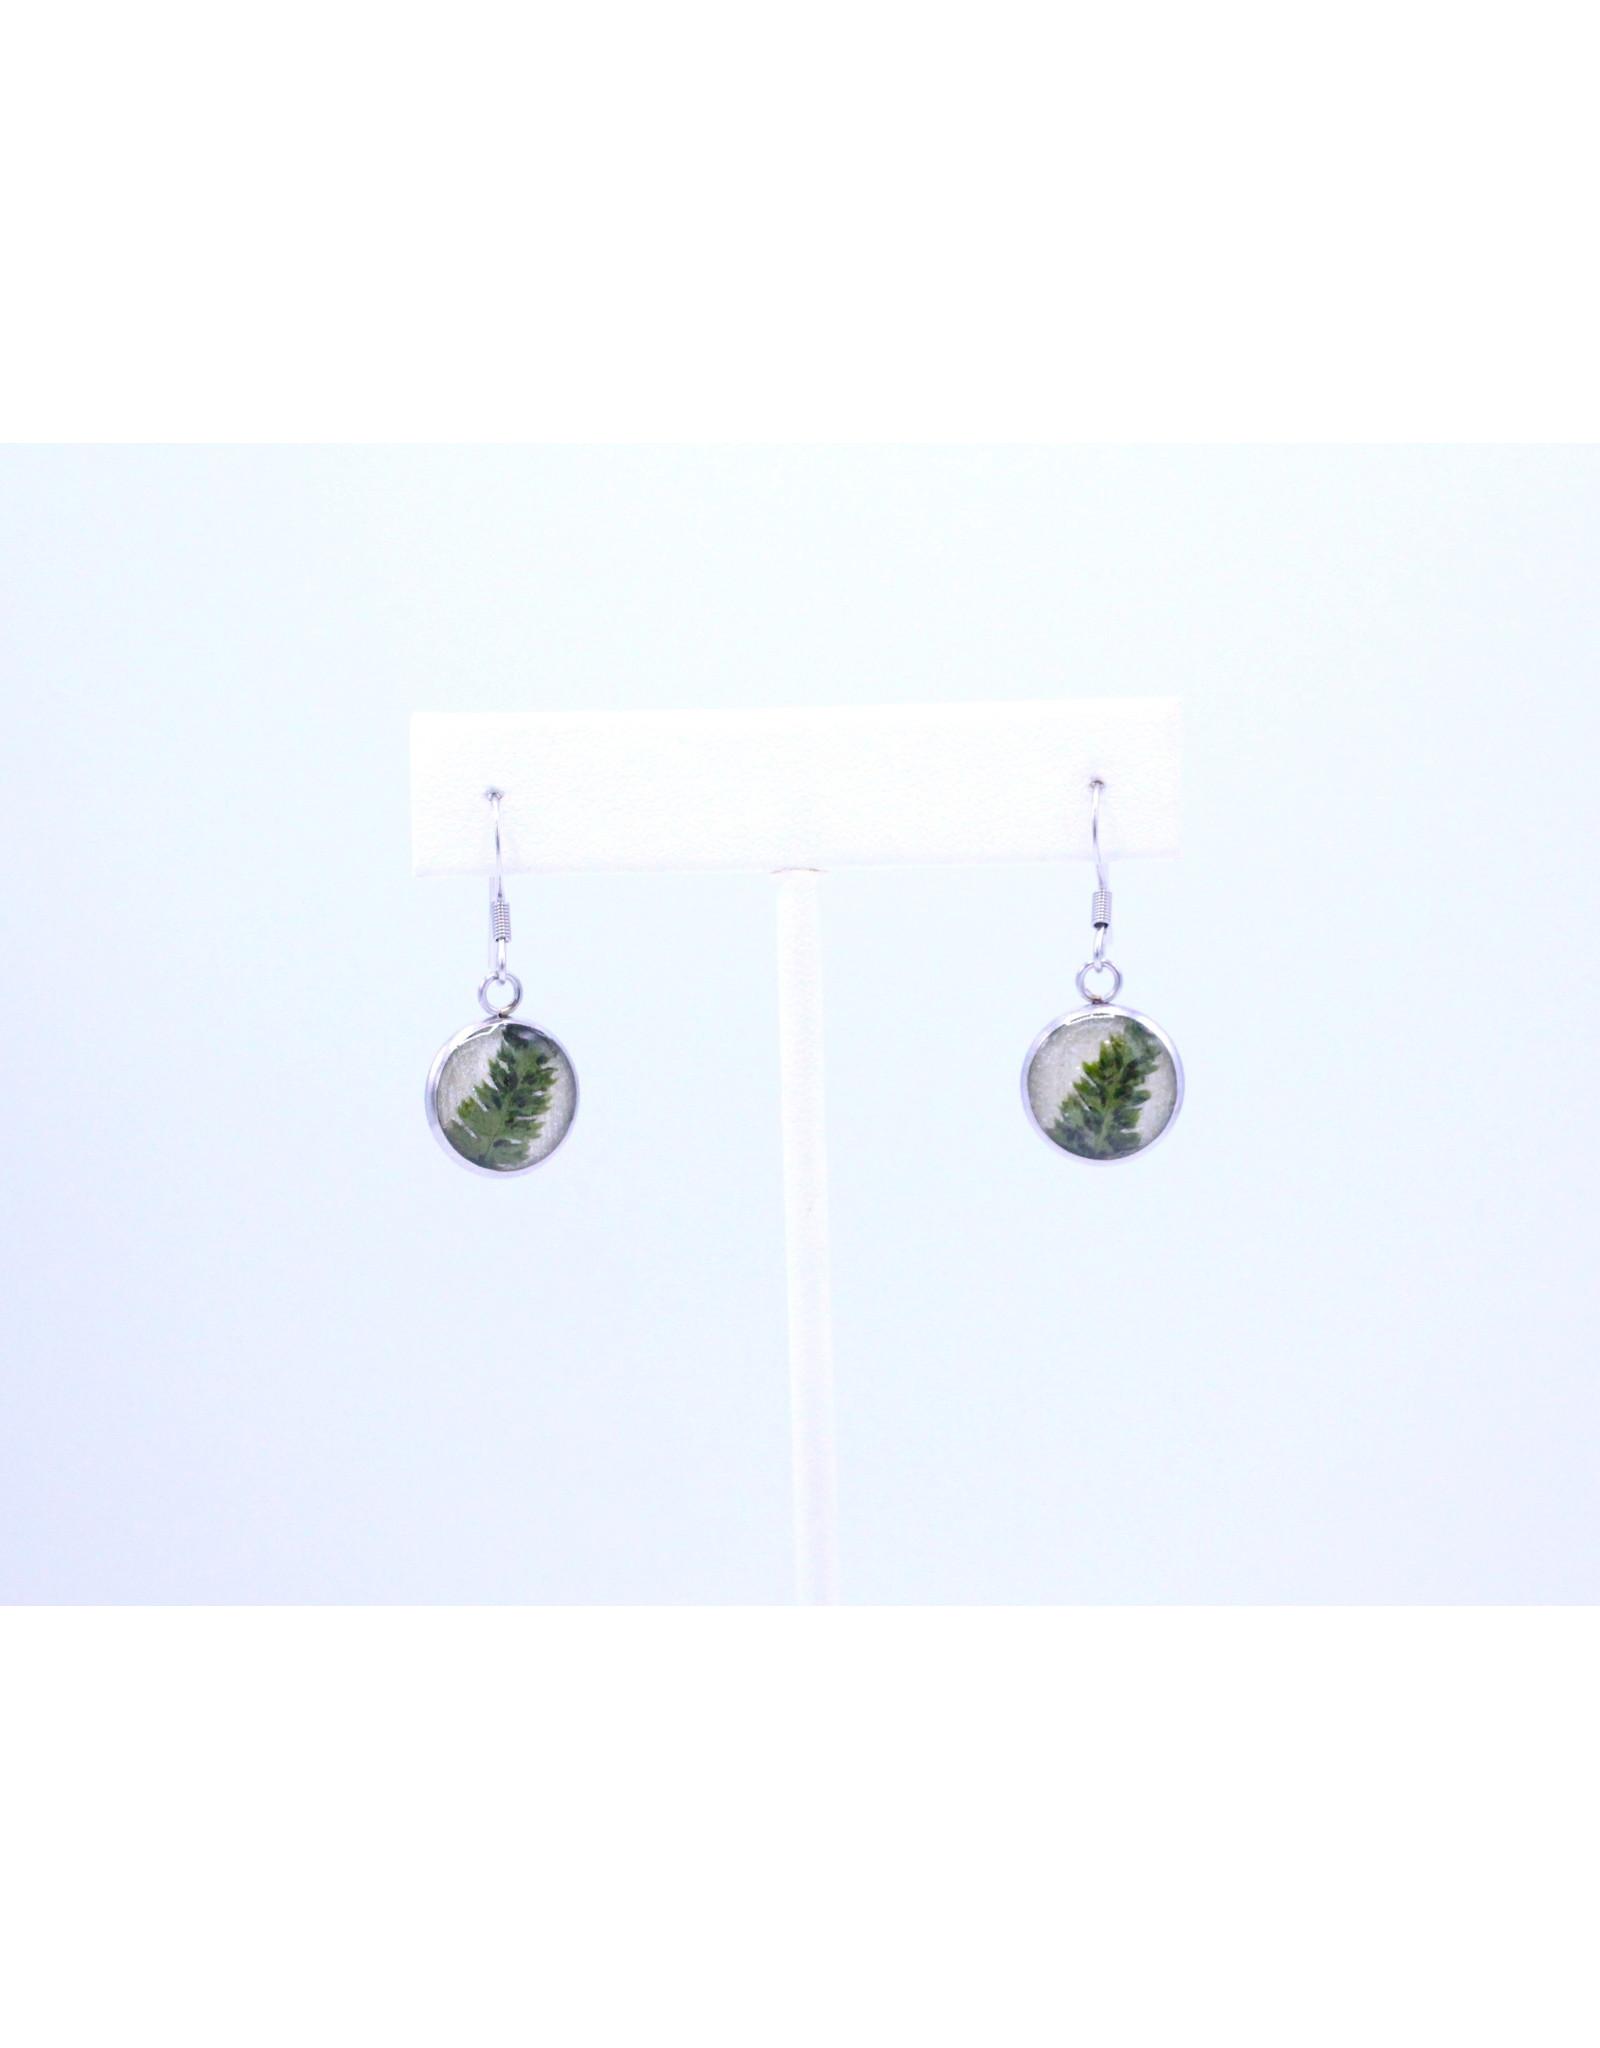 12mm Drop Fern Earrings - J12DFE1